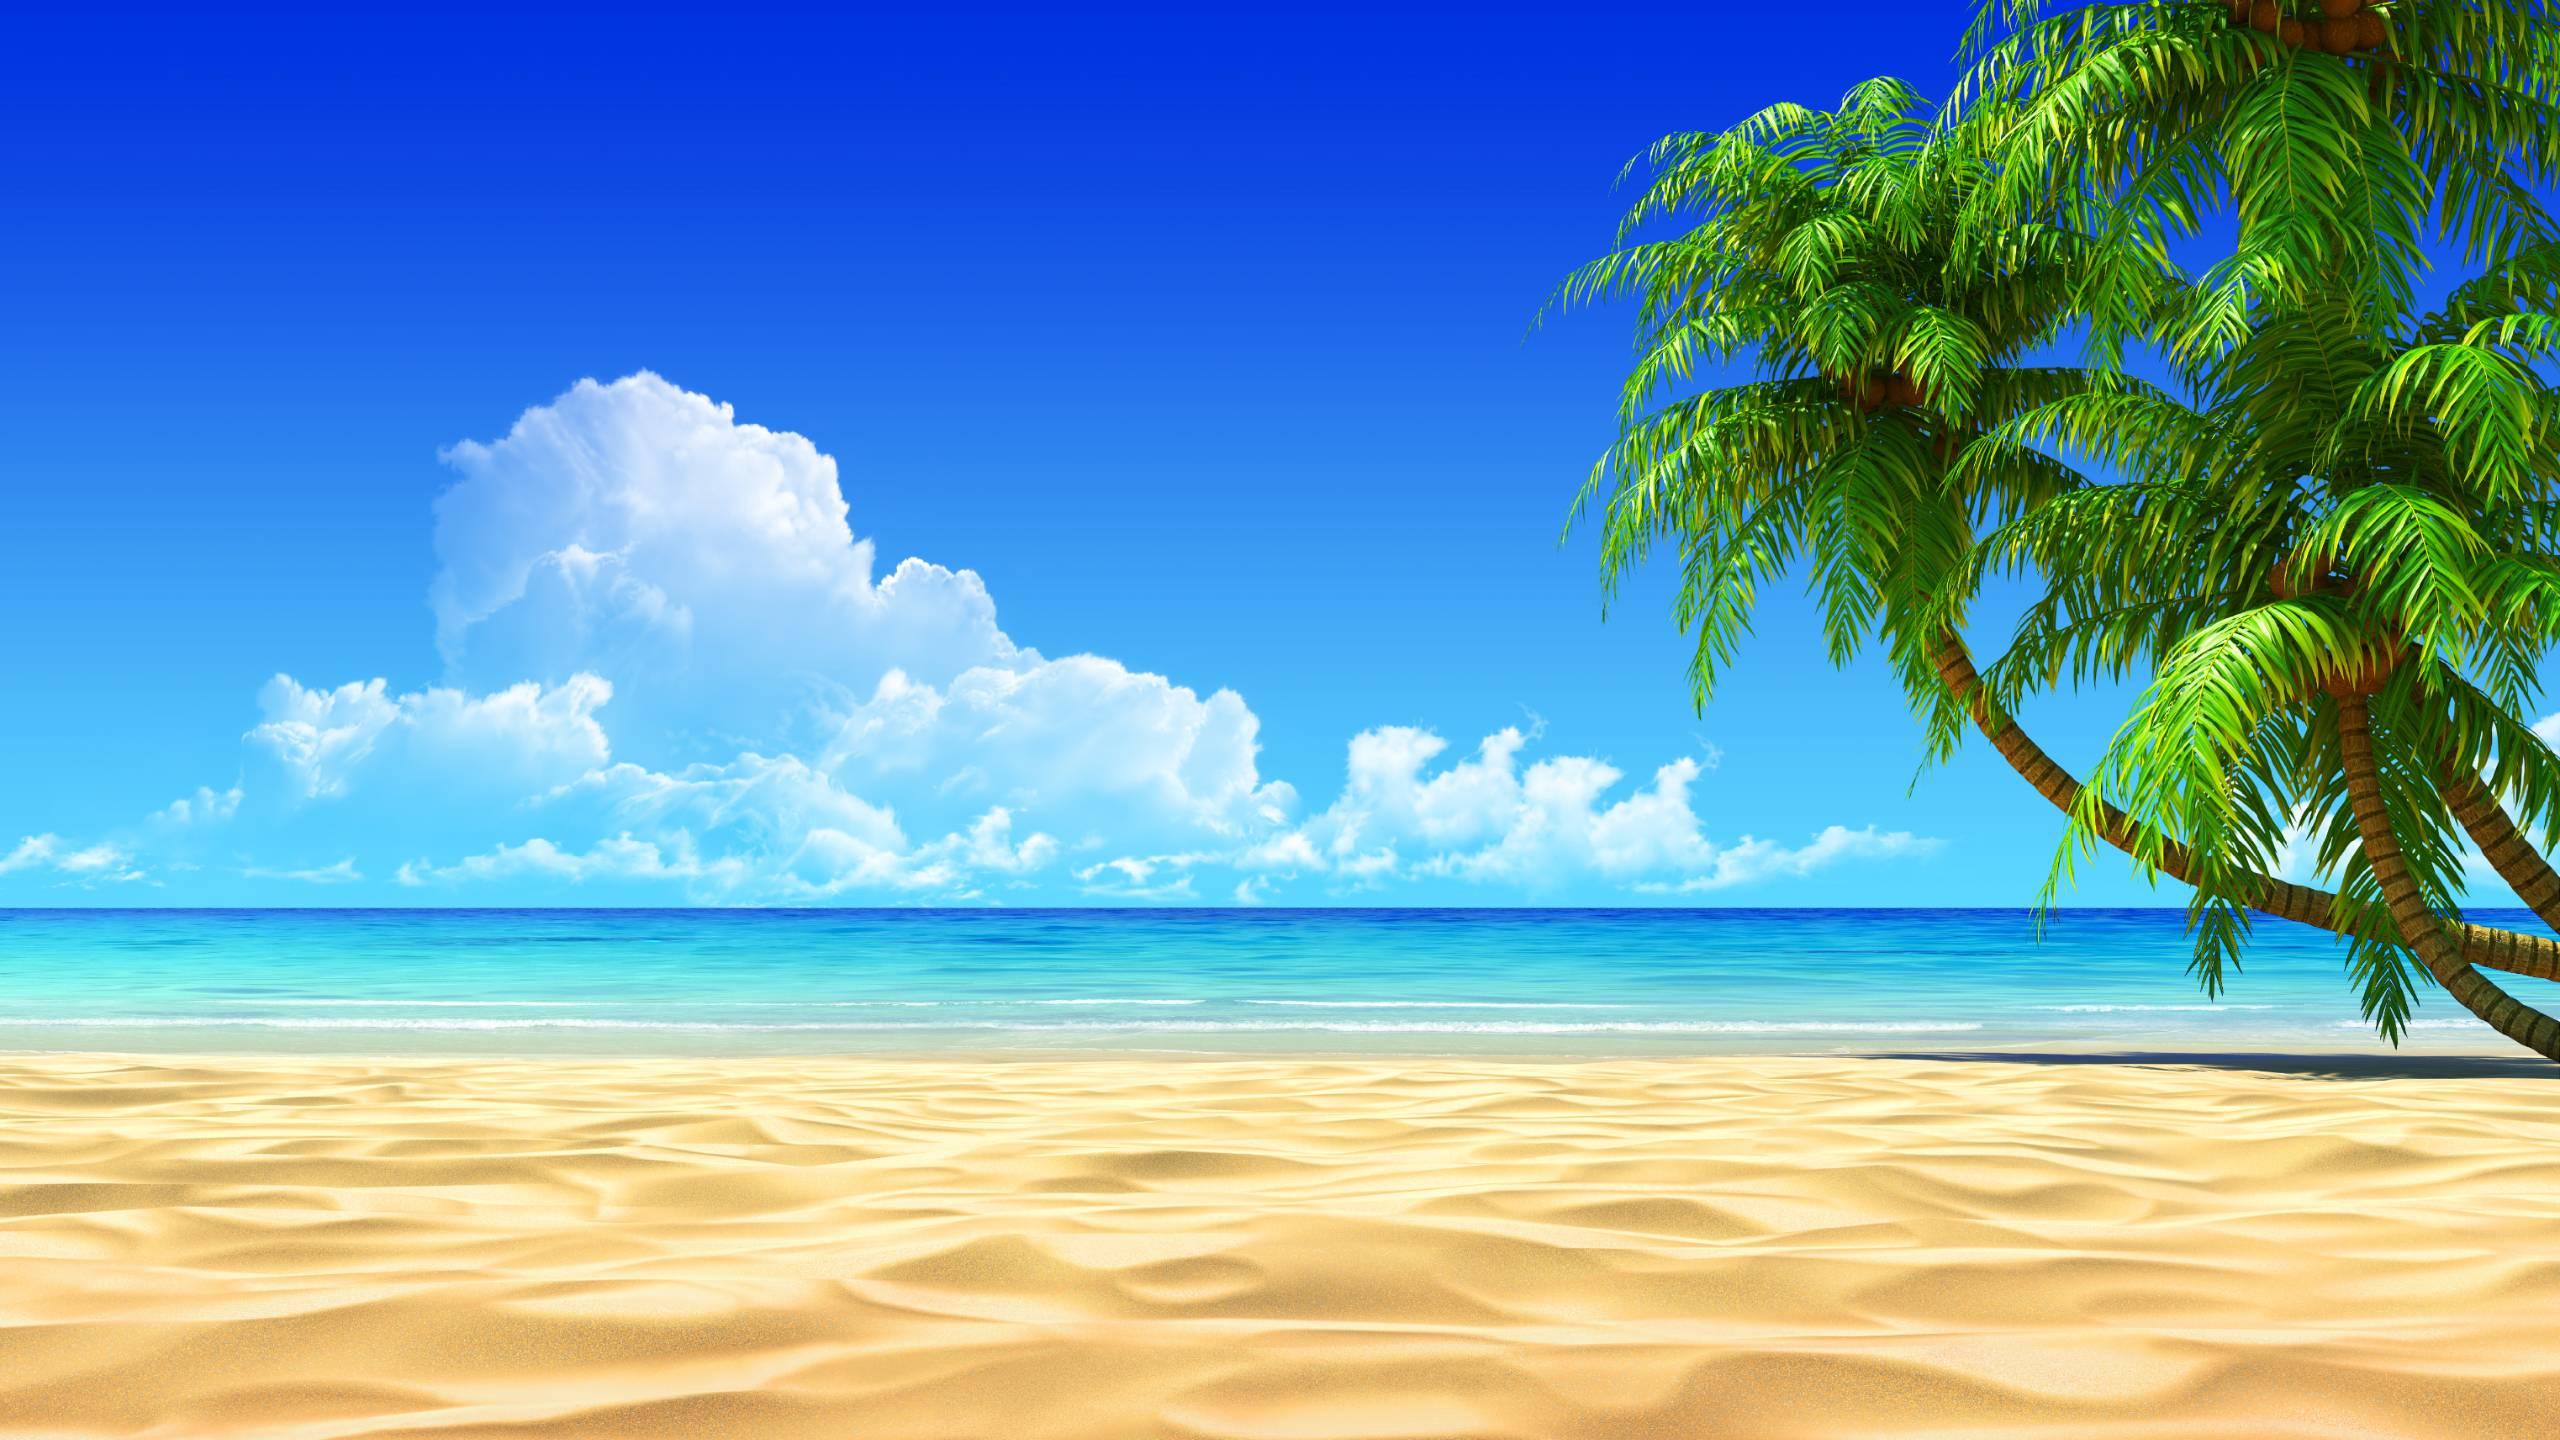 Tropical Beach Wallpapers Desktop 2560x1440